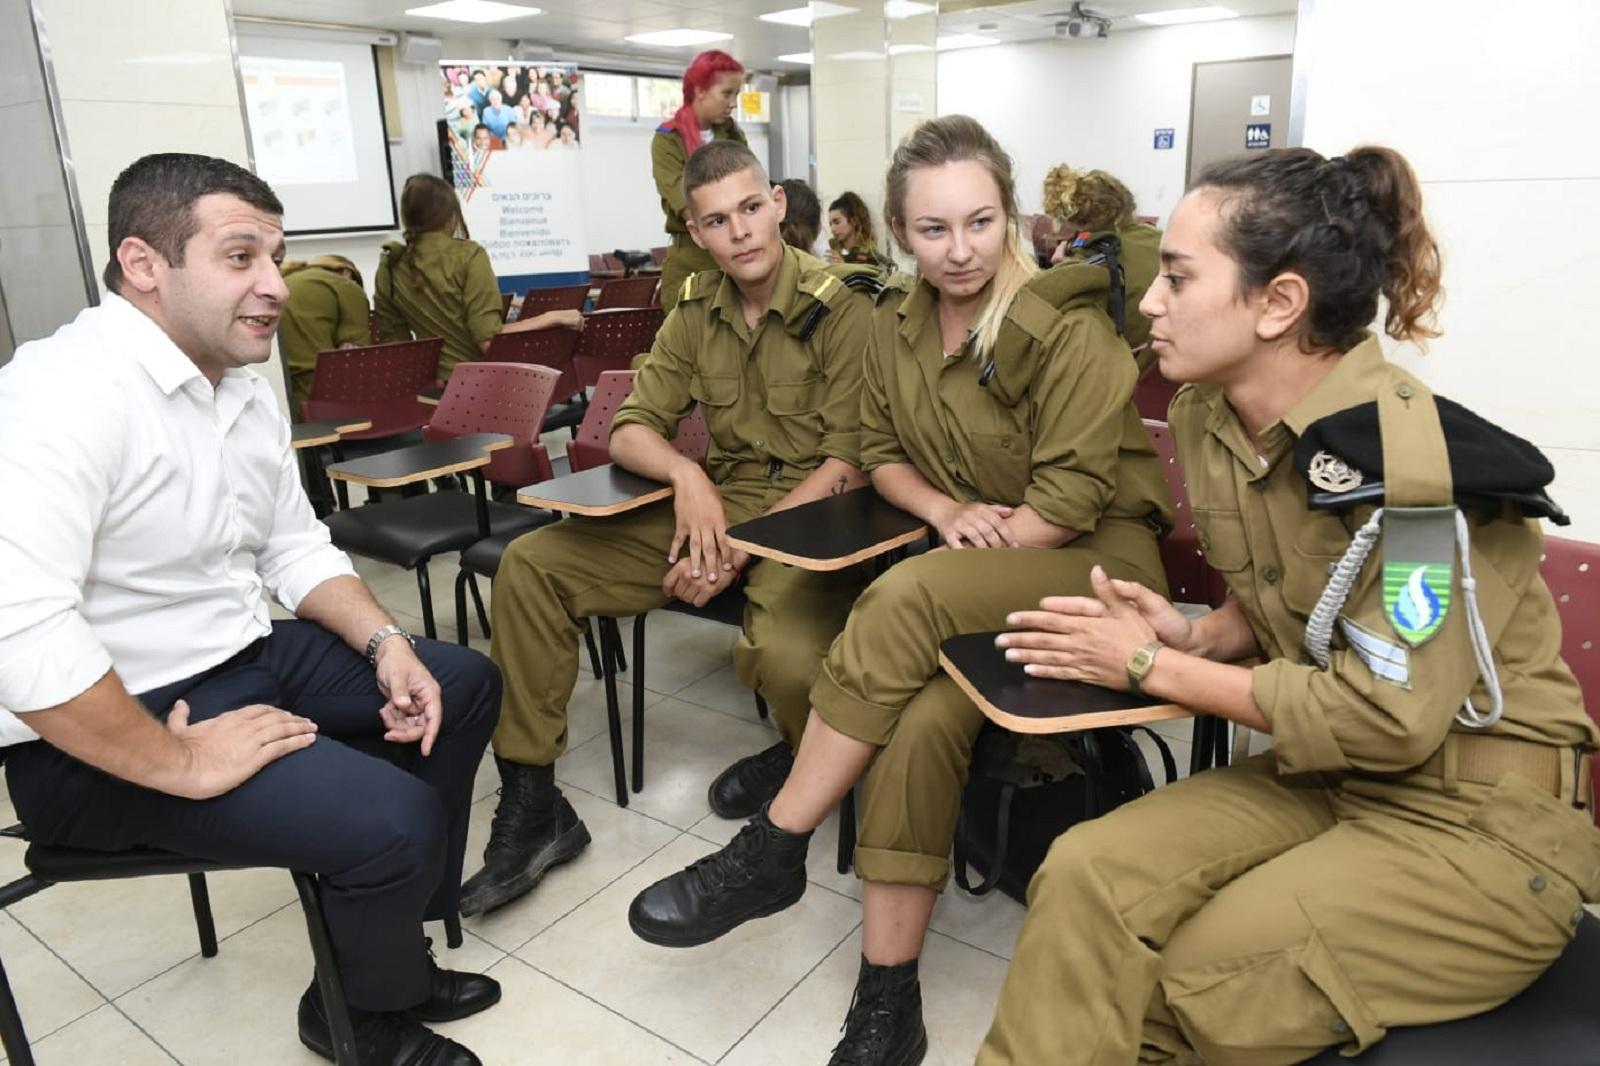 Гендиректор министерства алии Алекс Кушнир рассказывает солдатам об их правах. Фото: Хорхе Новомински